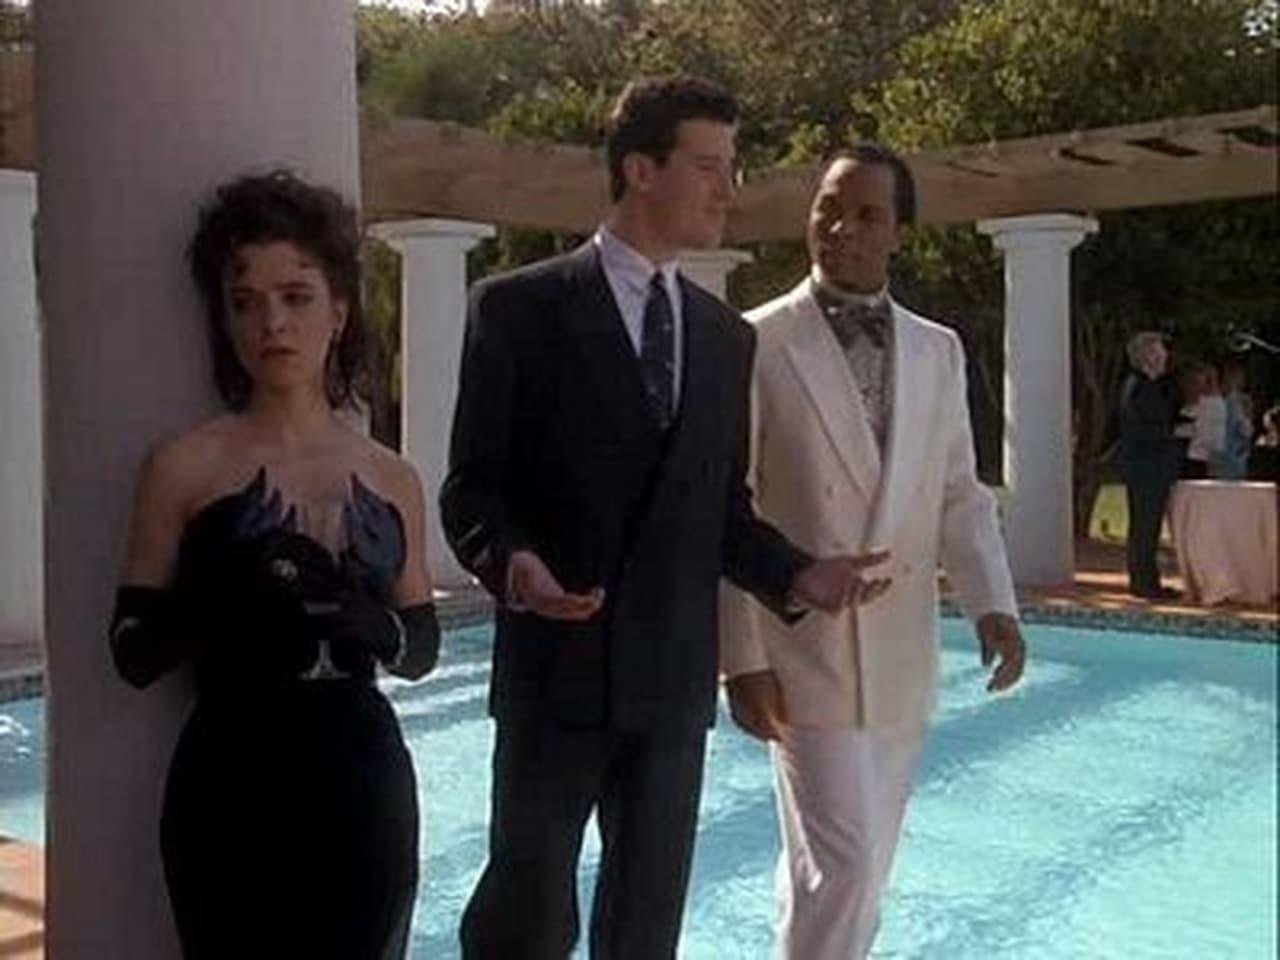 Miami Vice Episode: The Lost Madonna